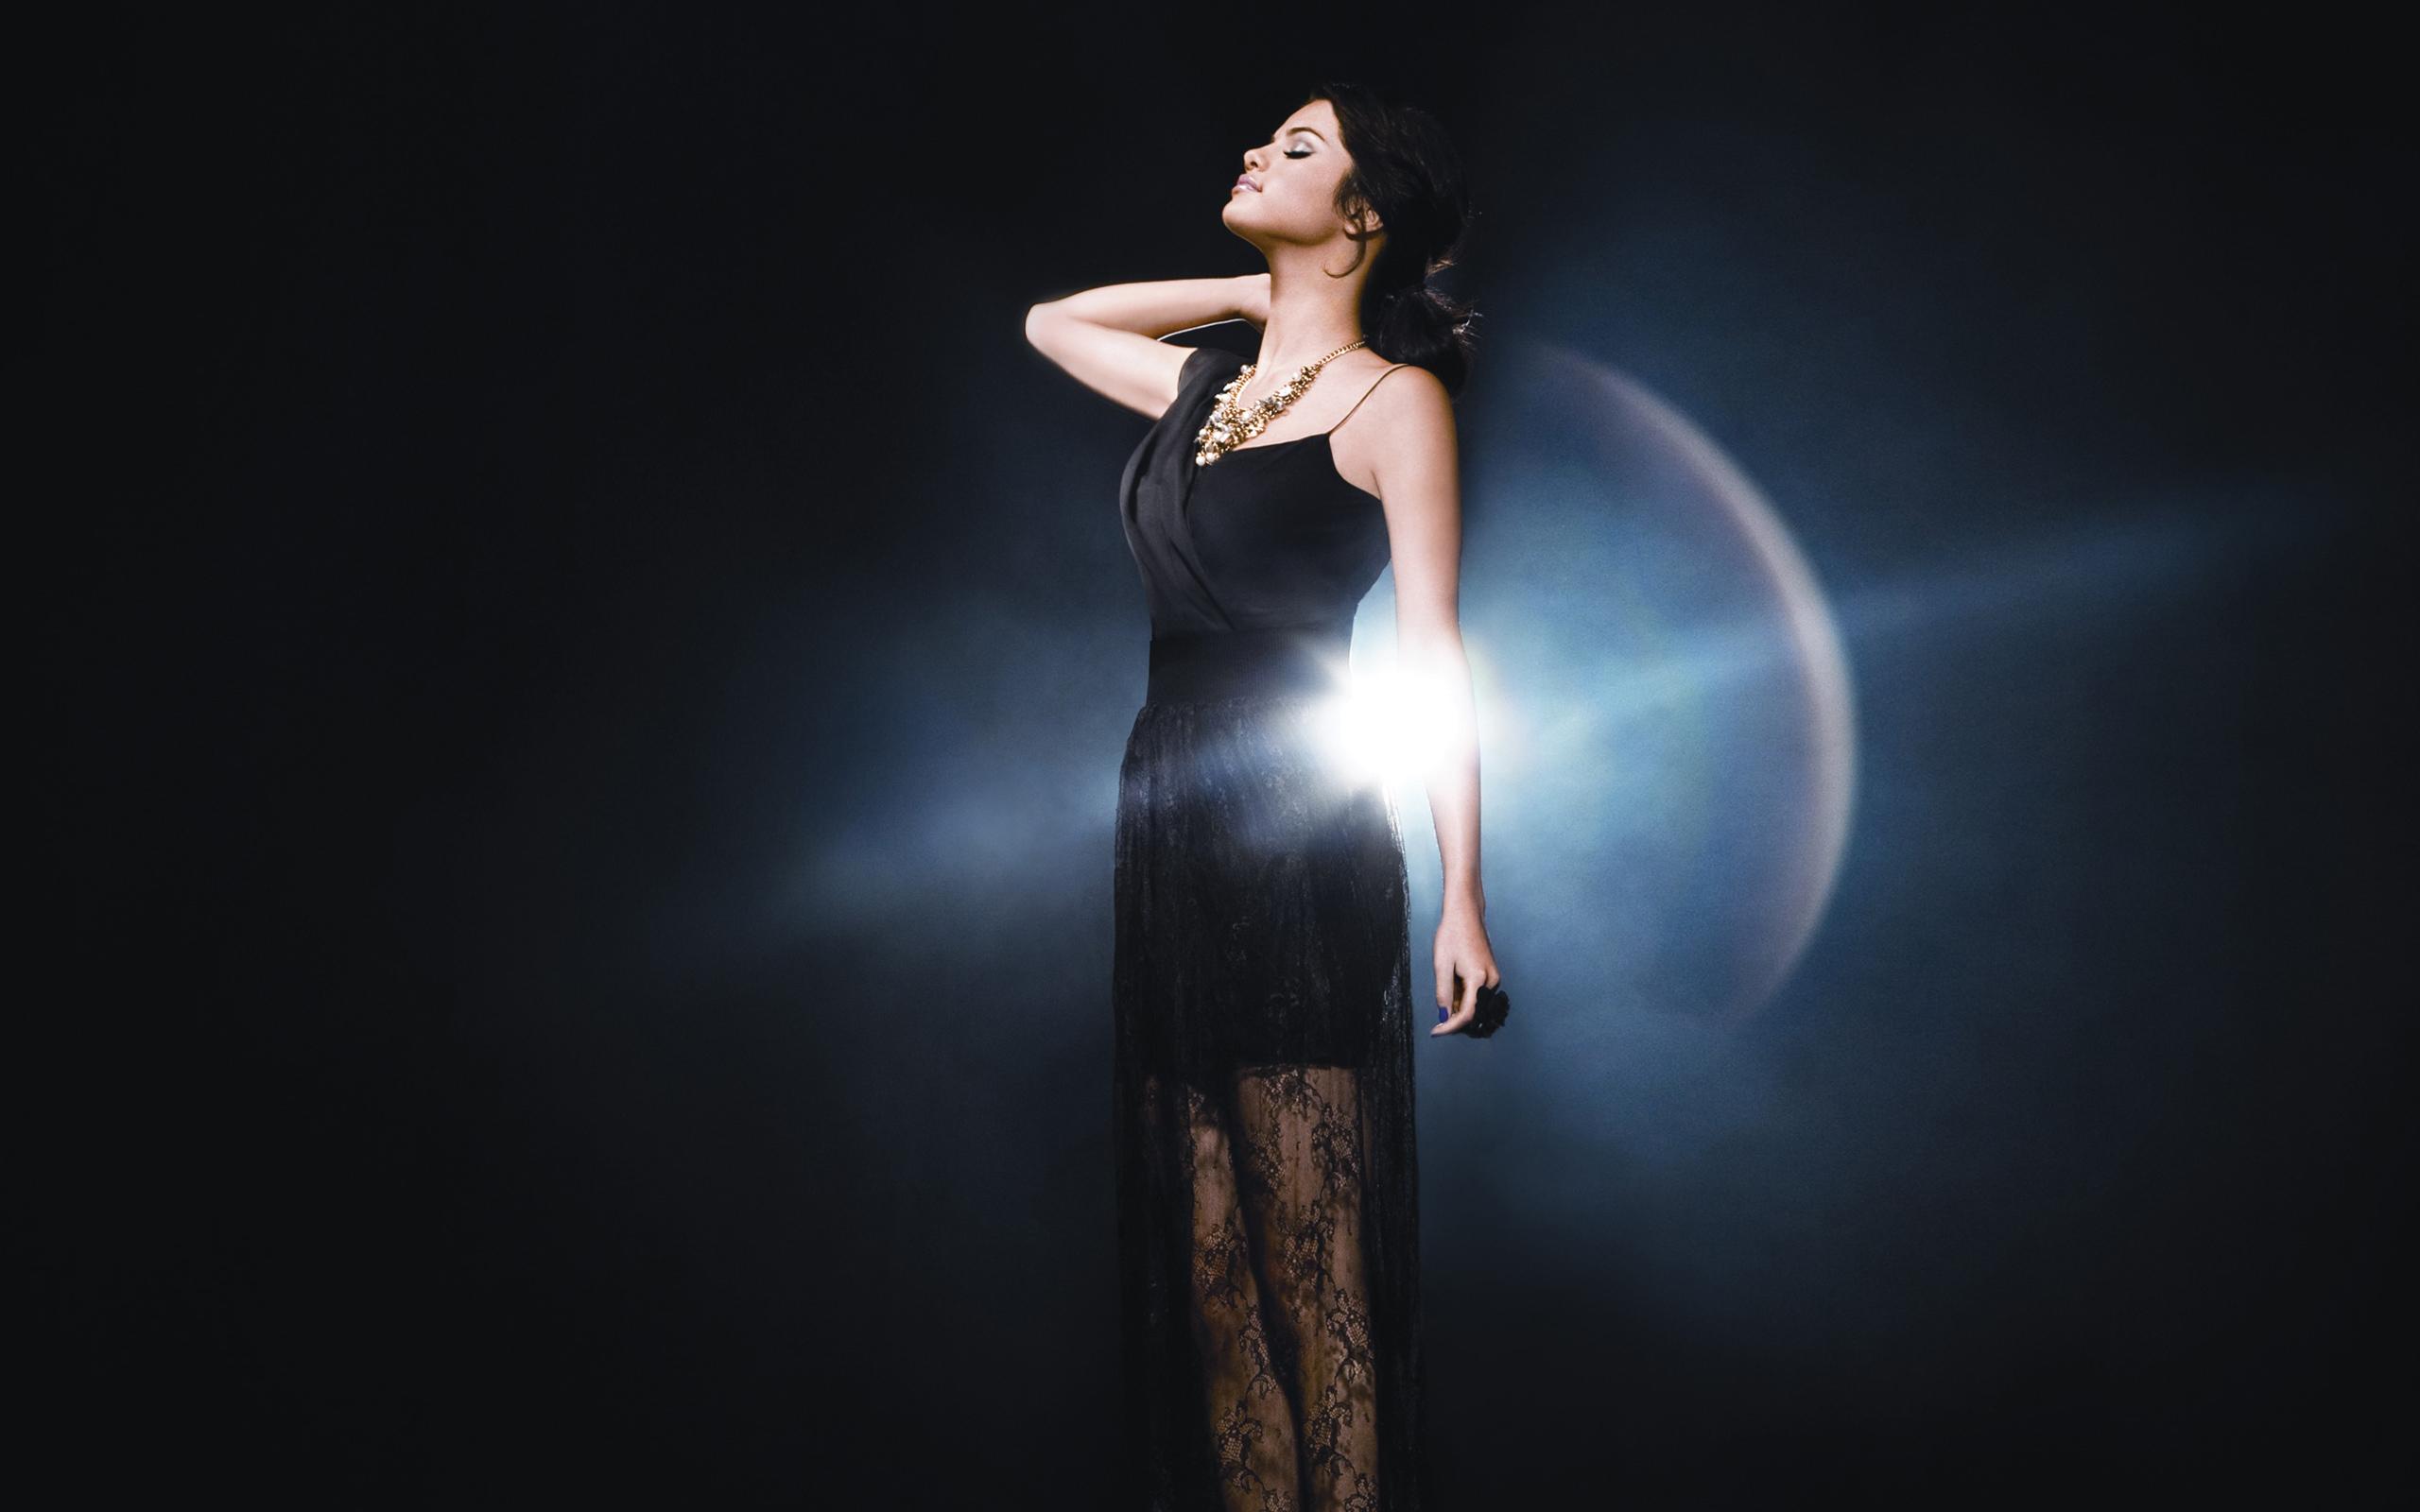 Black Dress HD